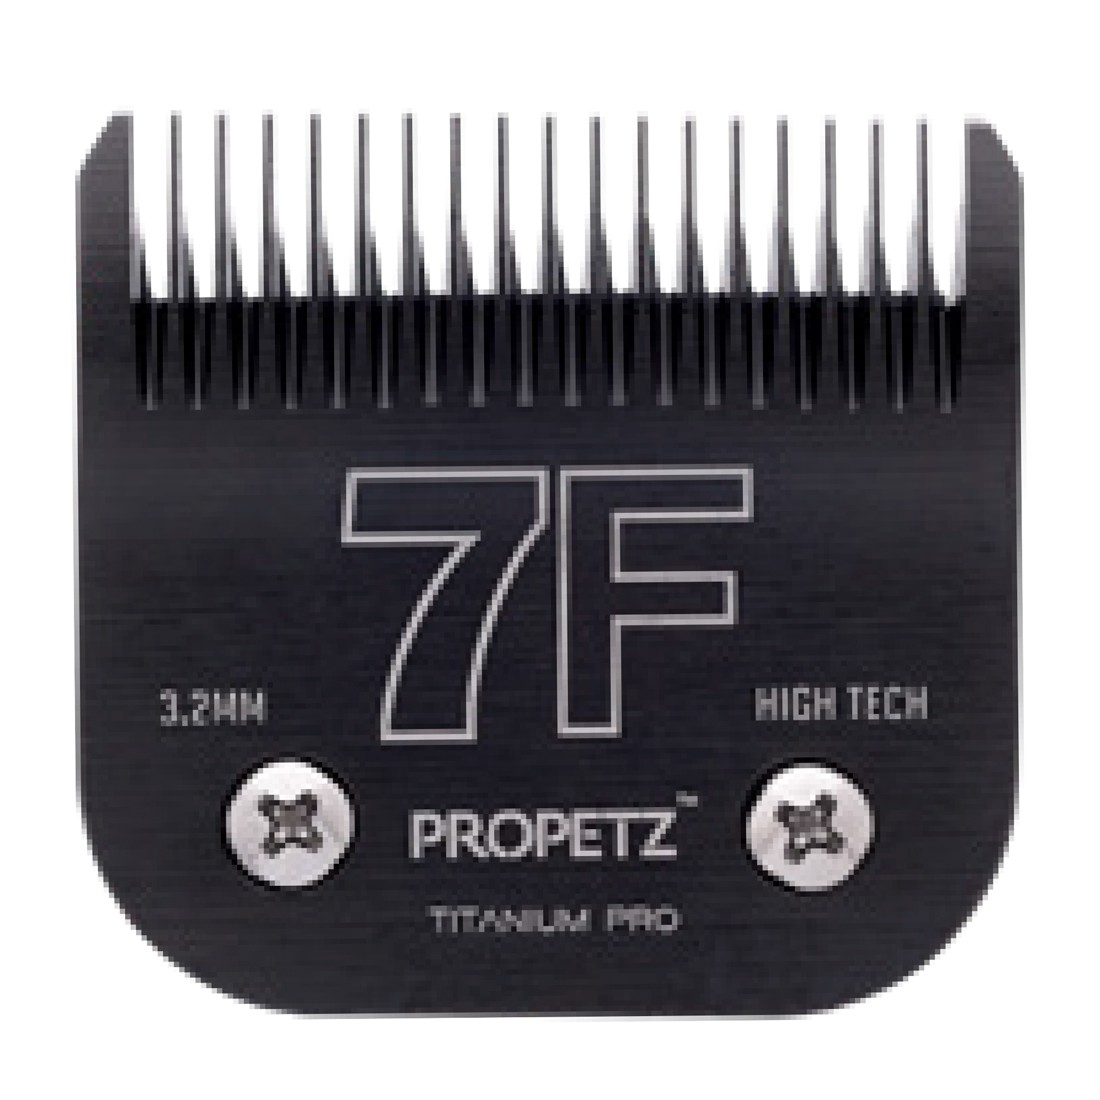 Lamina 7F Premium Titanium Propetz - 3,2mm